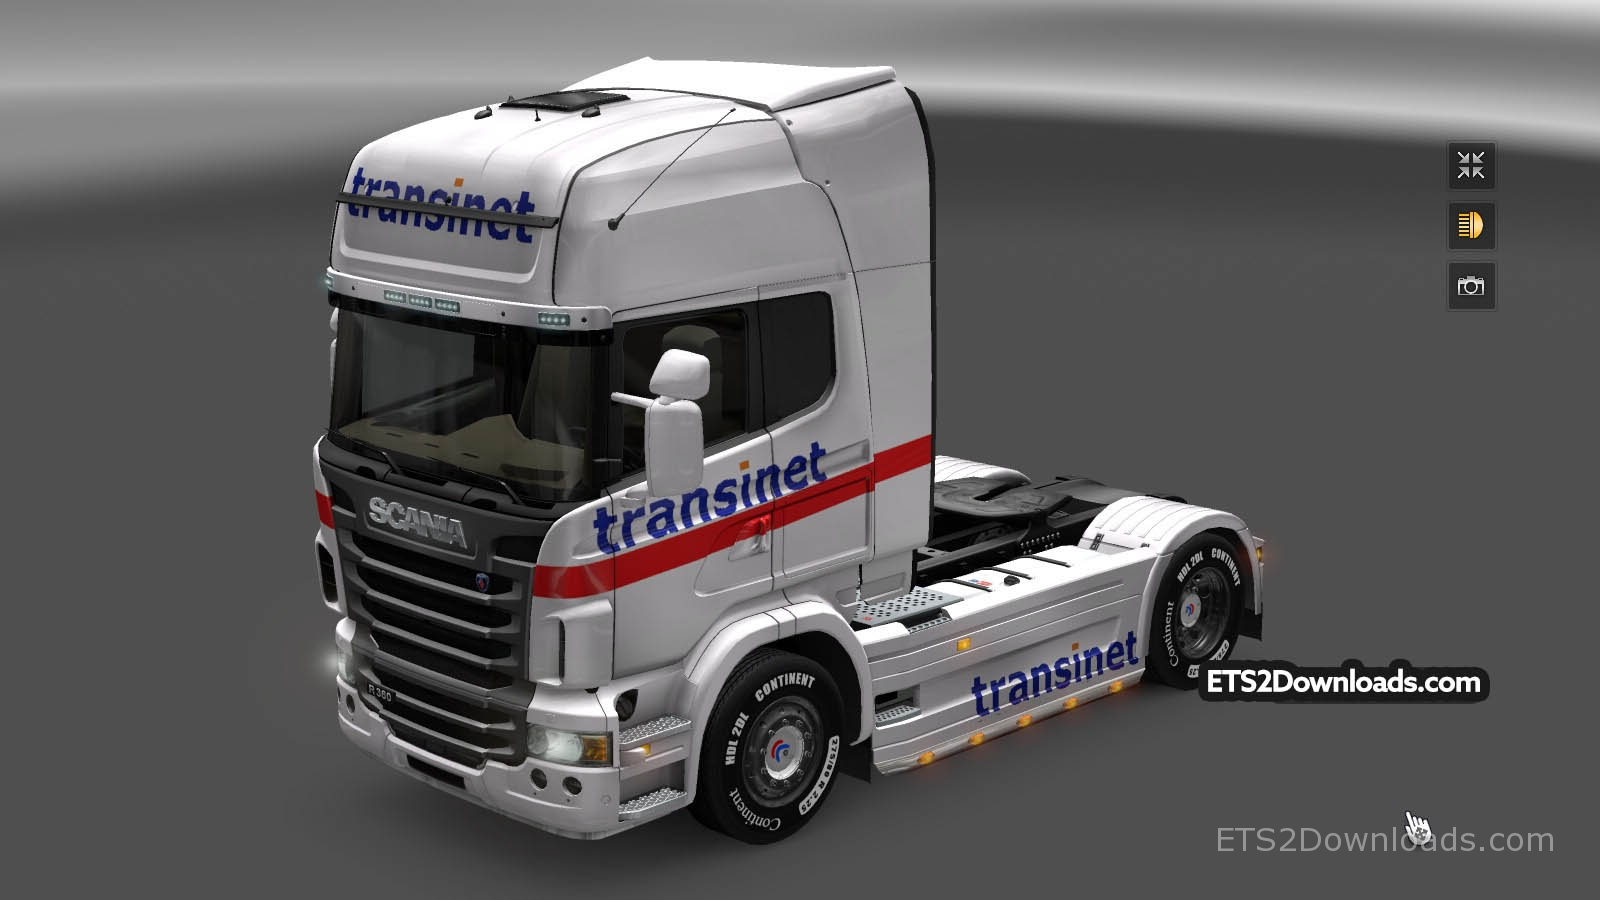 transinet-skin-for-all-trucks-1